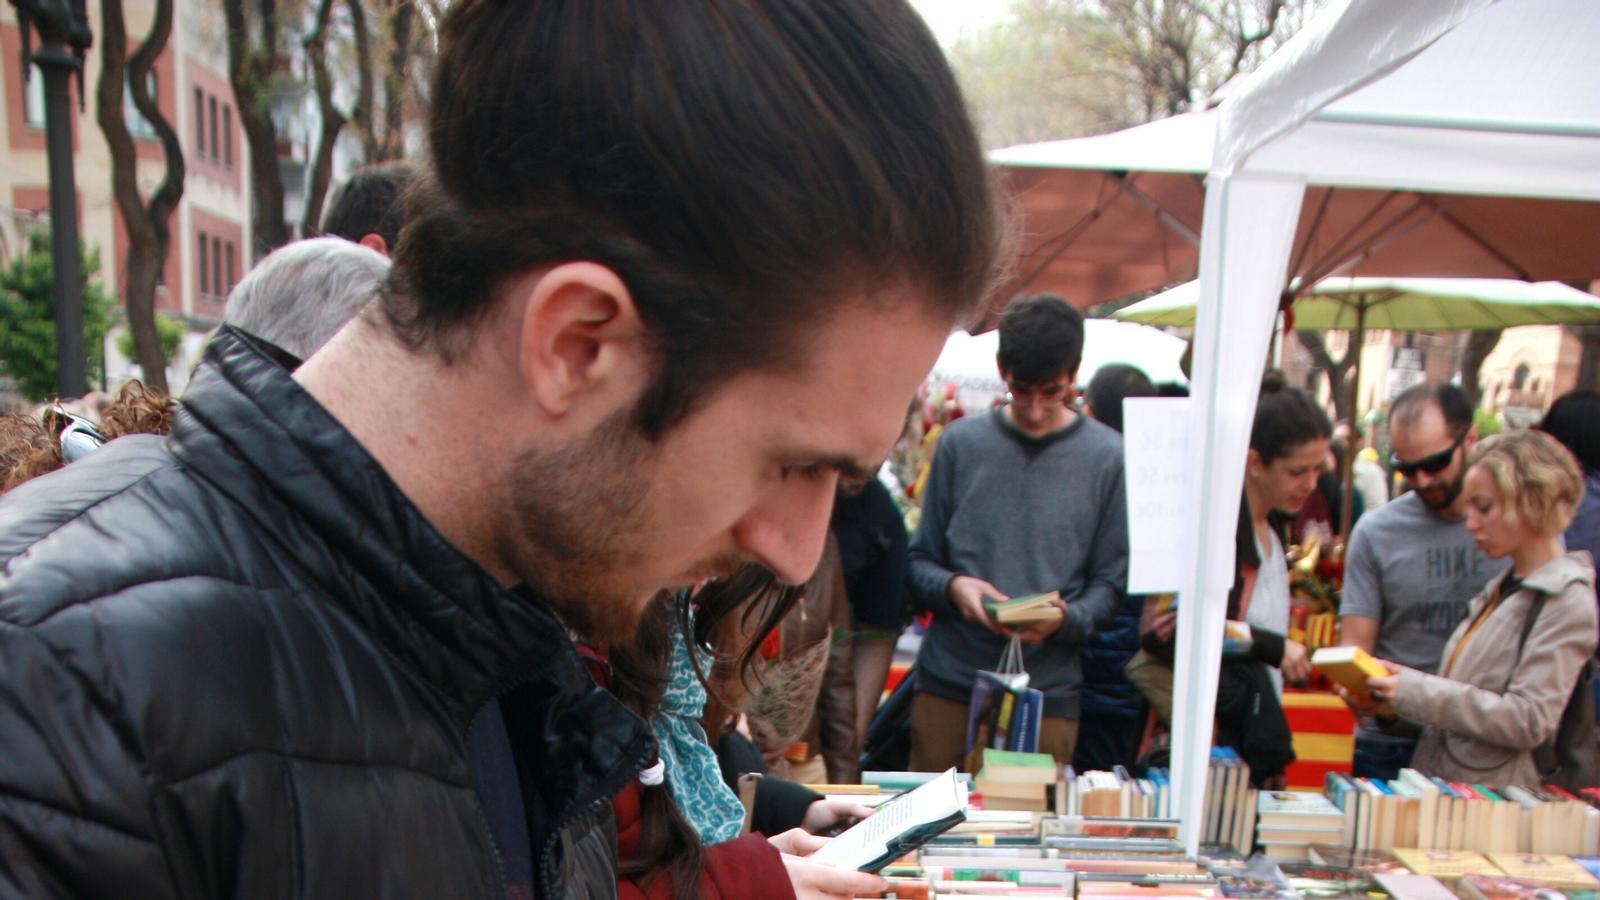 Un noi mira llibres a la Rambla Nova de Tarragona.